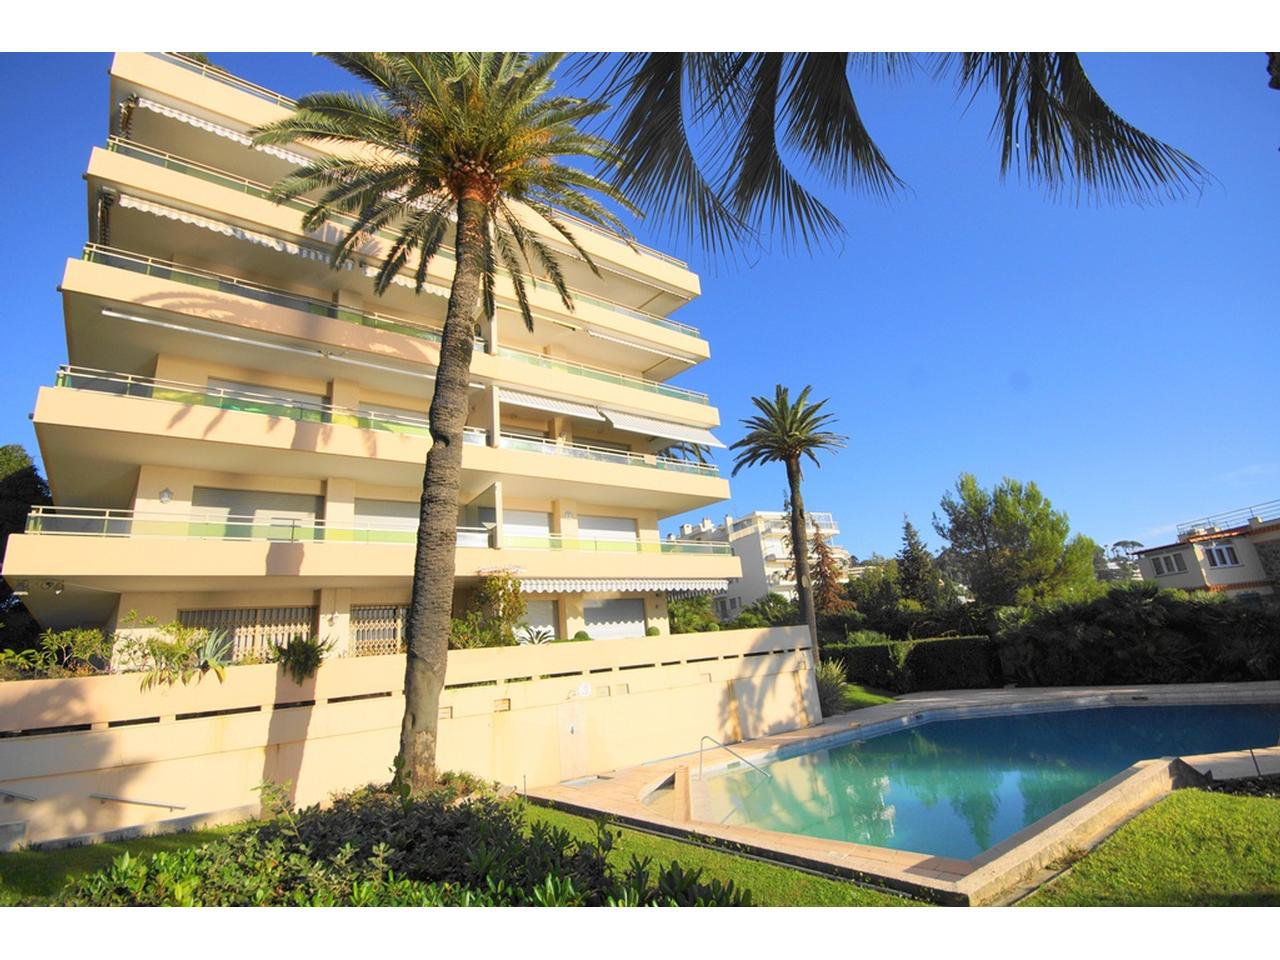 Cannes Palm Beach lägenhet till salu 71 m² swimmingpool och terrass